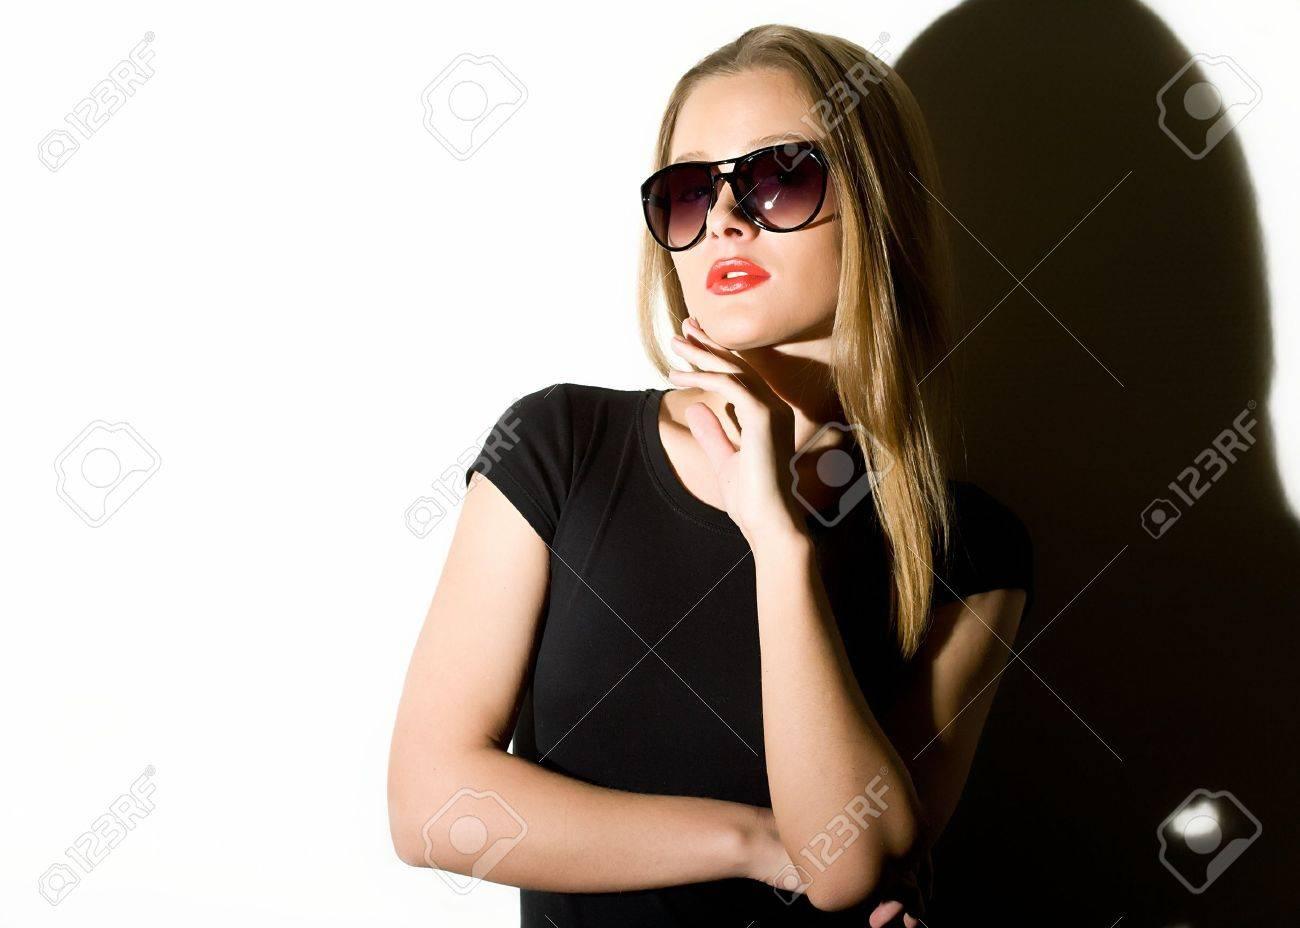 Красивая девушка в черной одежде